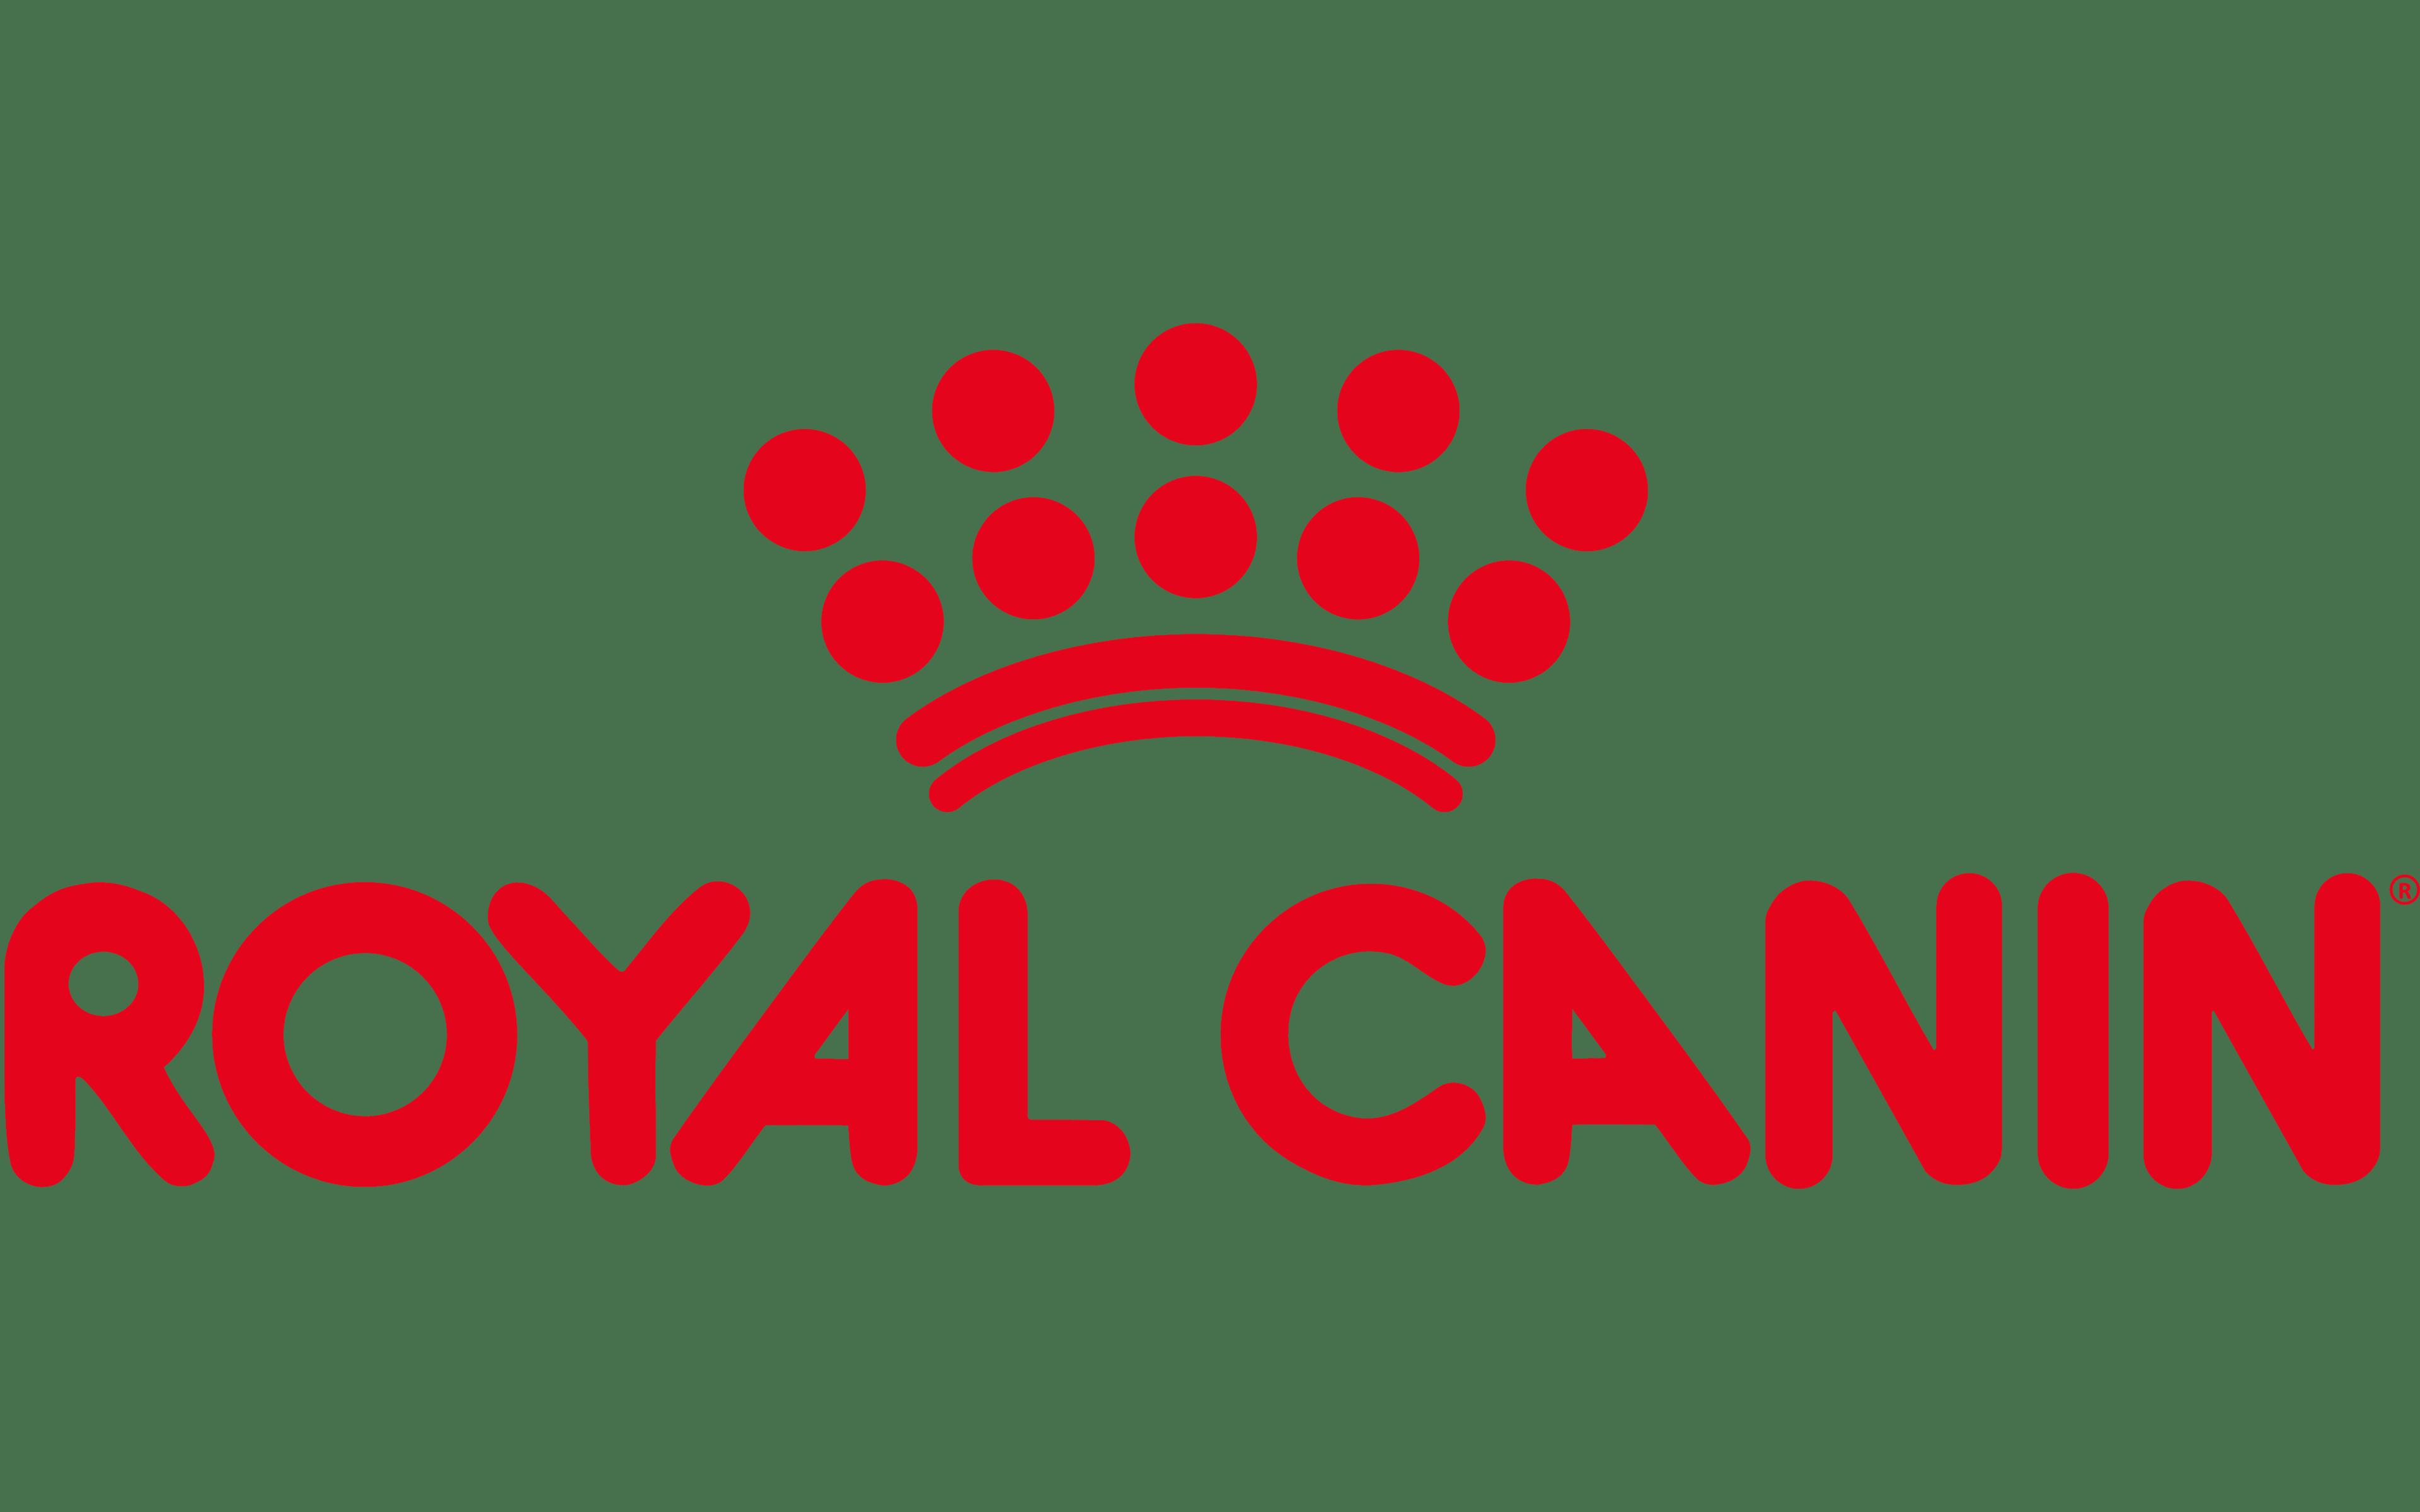 ROYAL CANIN LJUBLJANA, D.O.O.